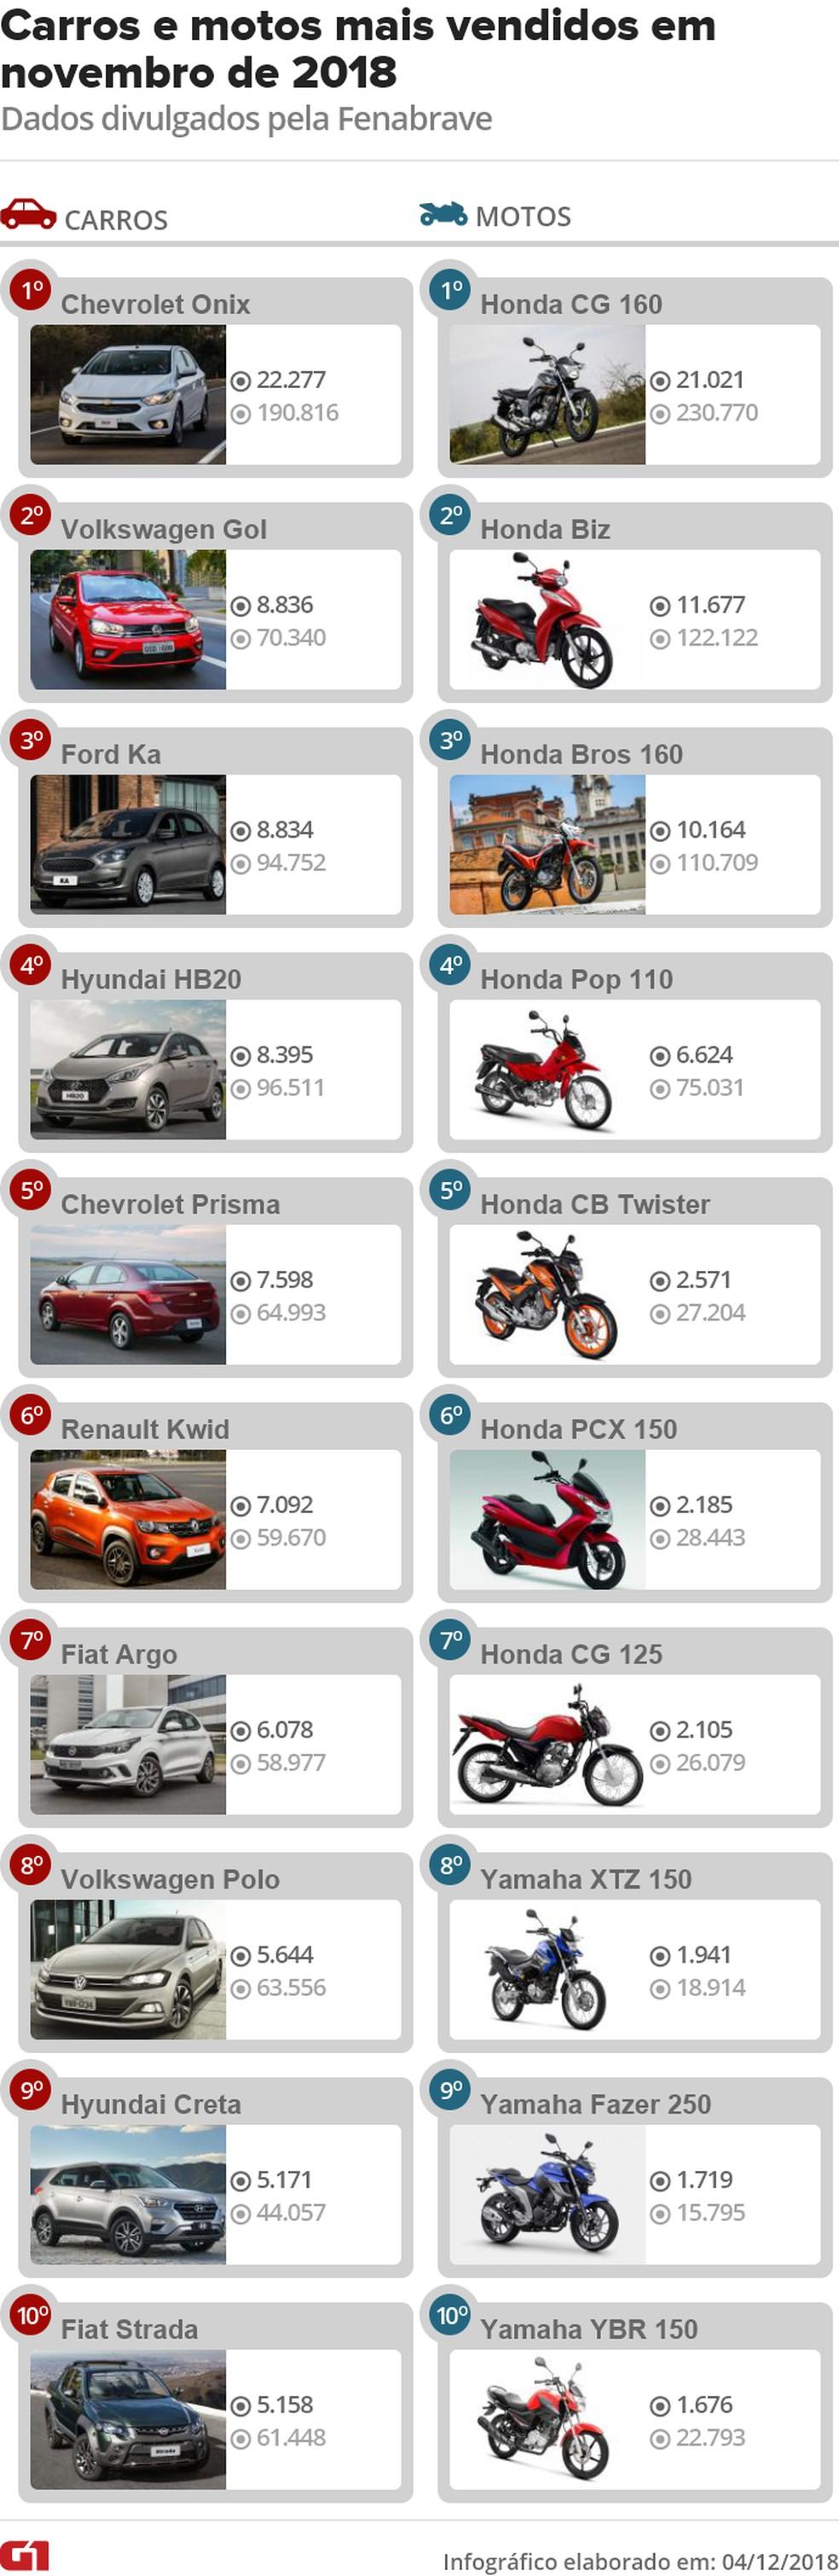 Carros e motos mais vendidos em novembro de 2018 — Foto: Divulgação/Fenabrave